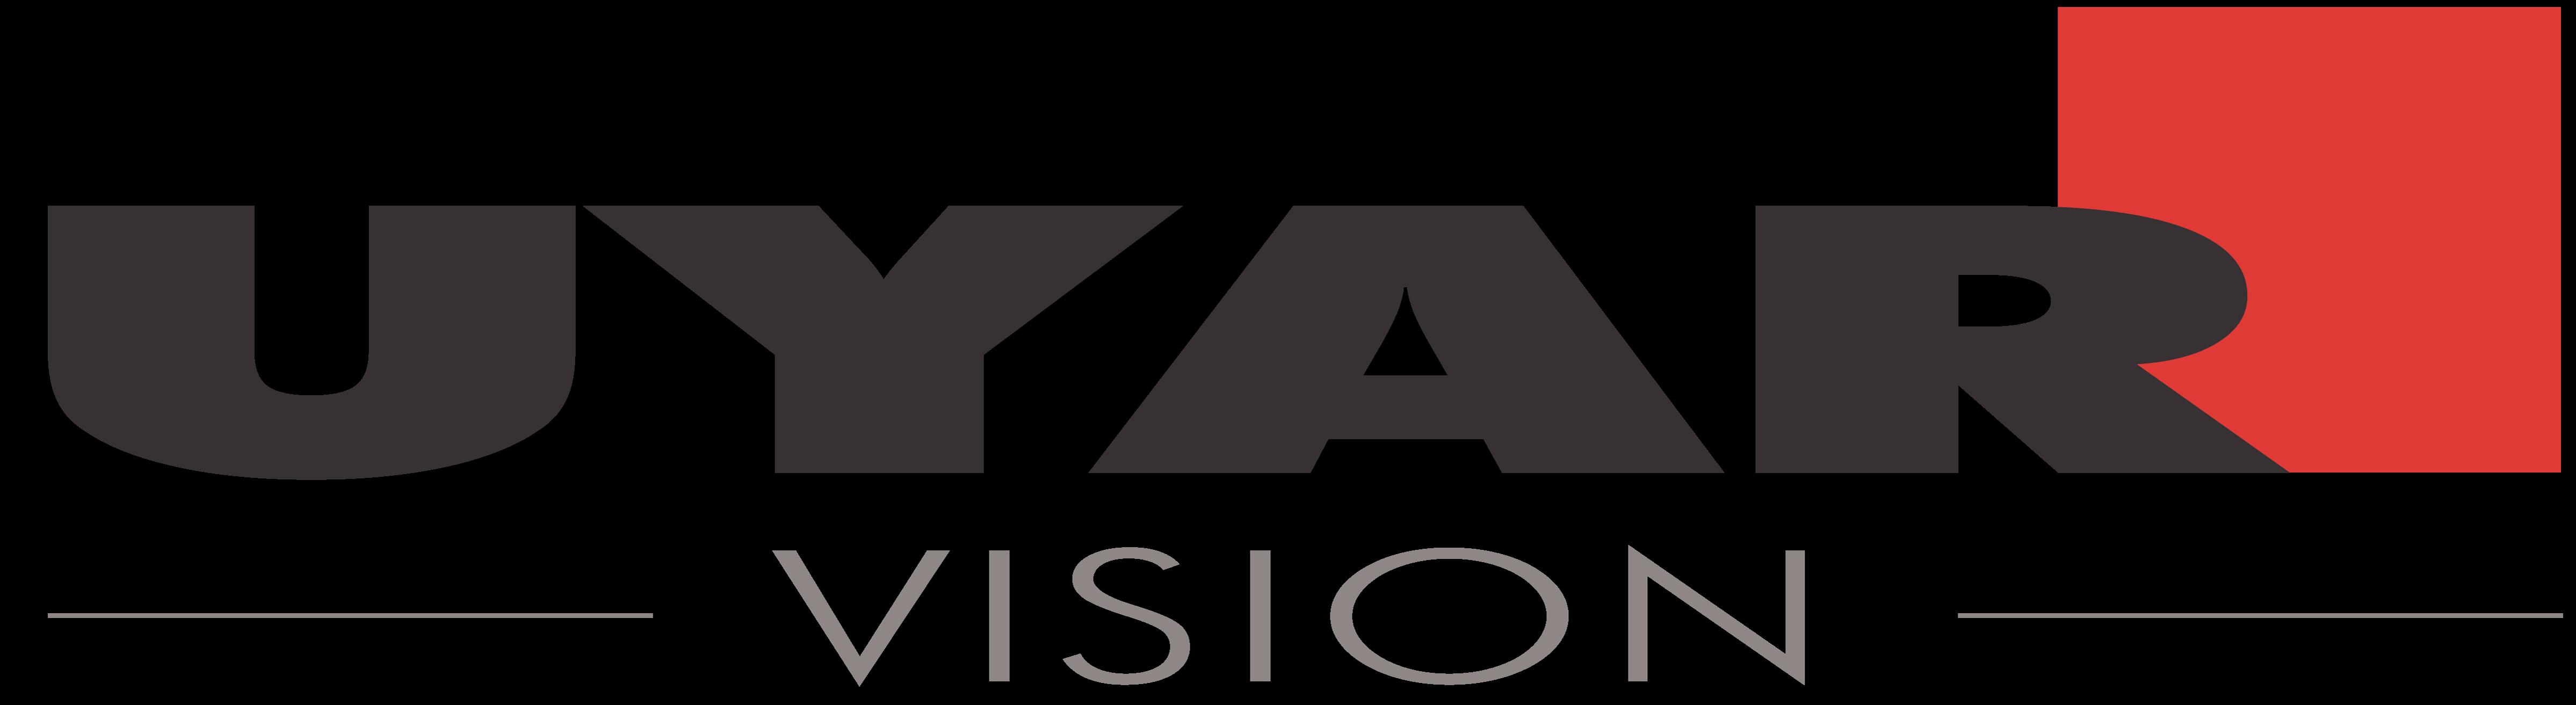 UYAR_Logo---Vision_groß